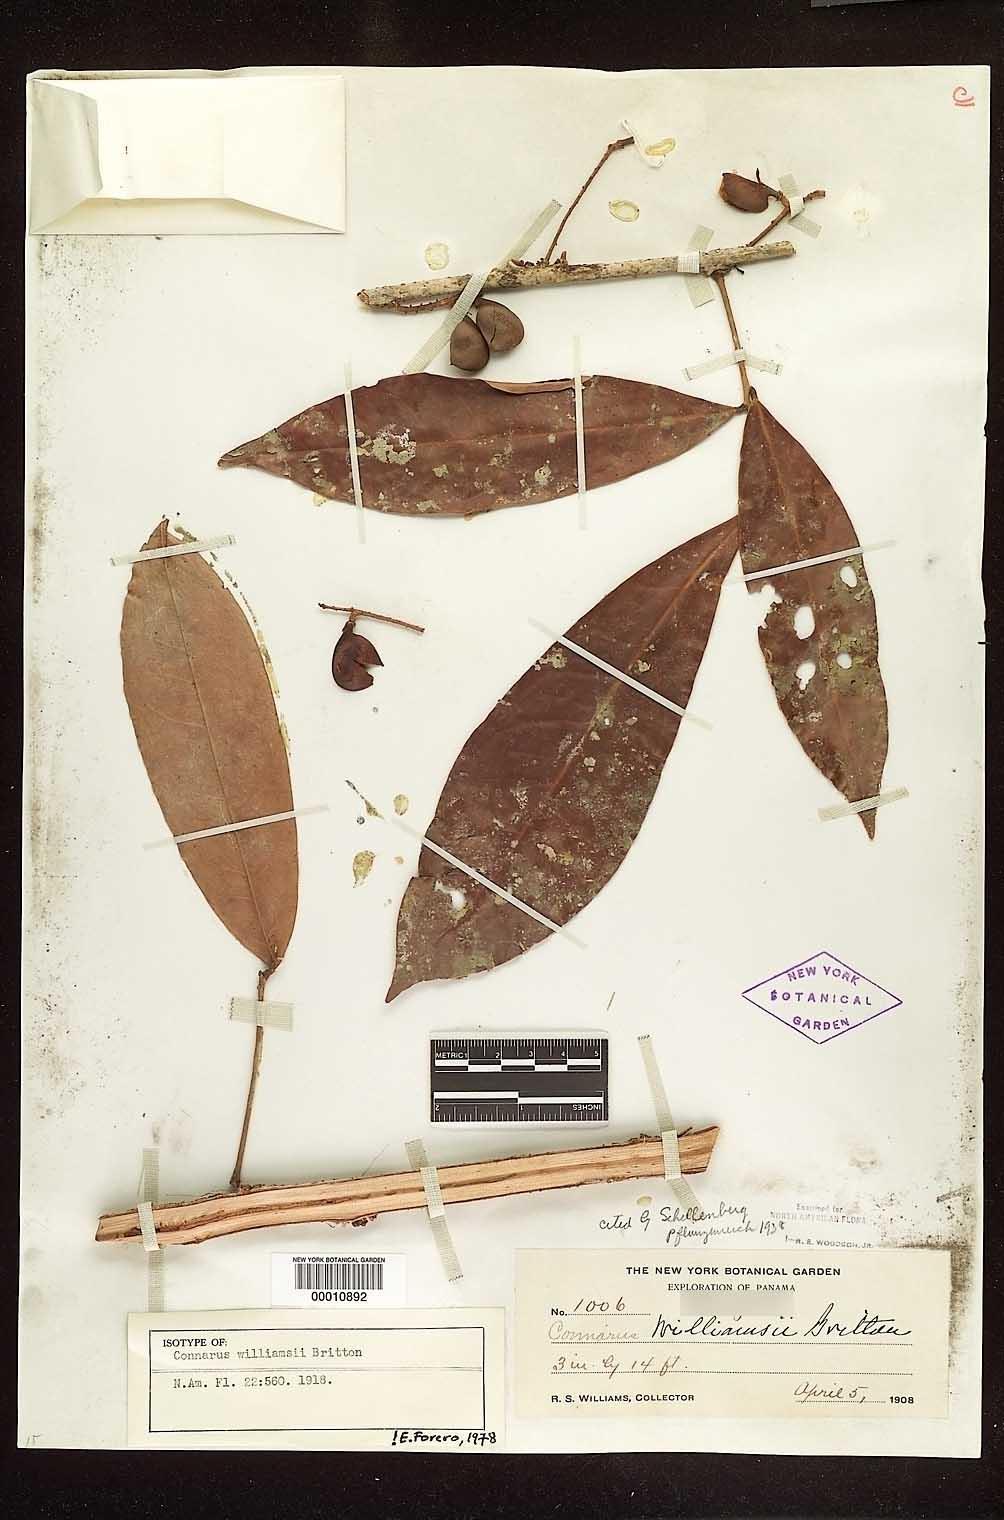 Connarus williamsii image